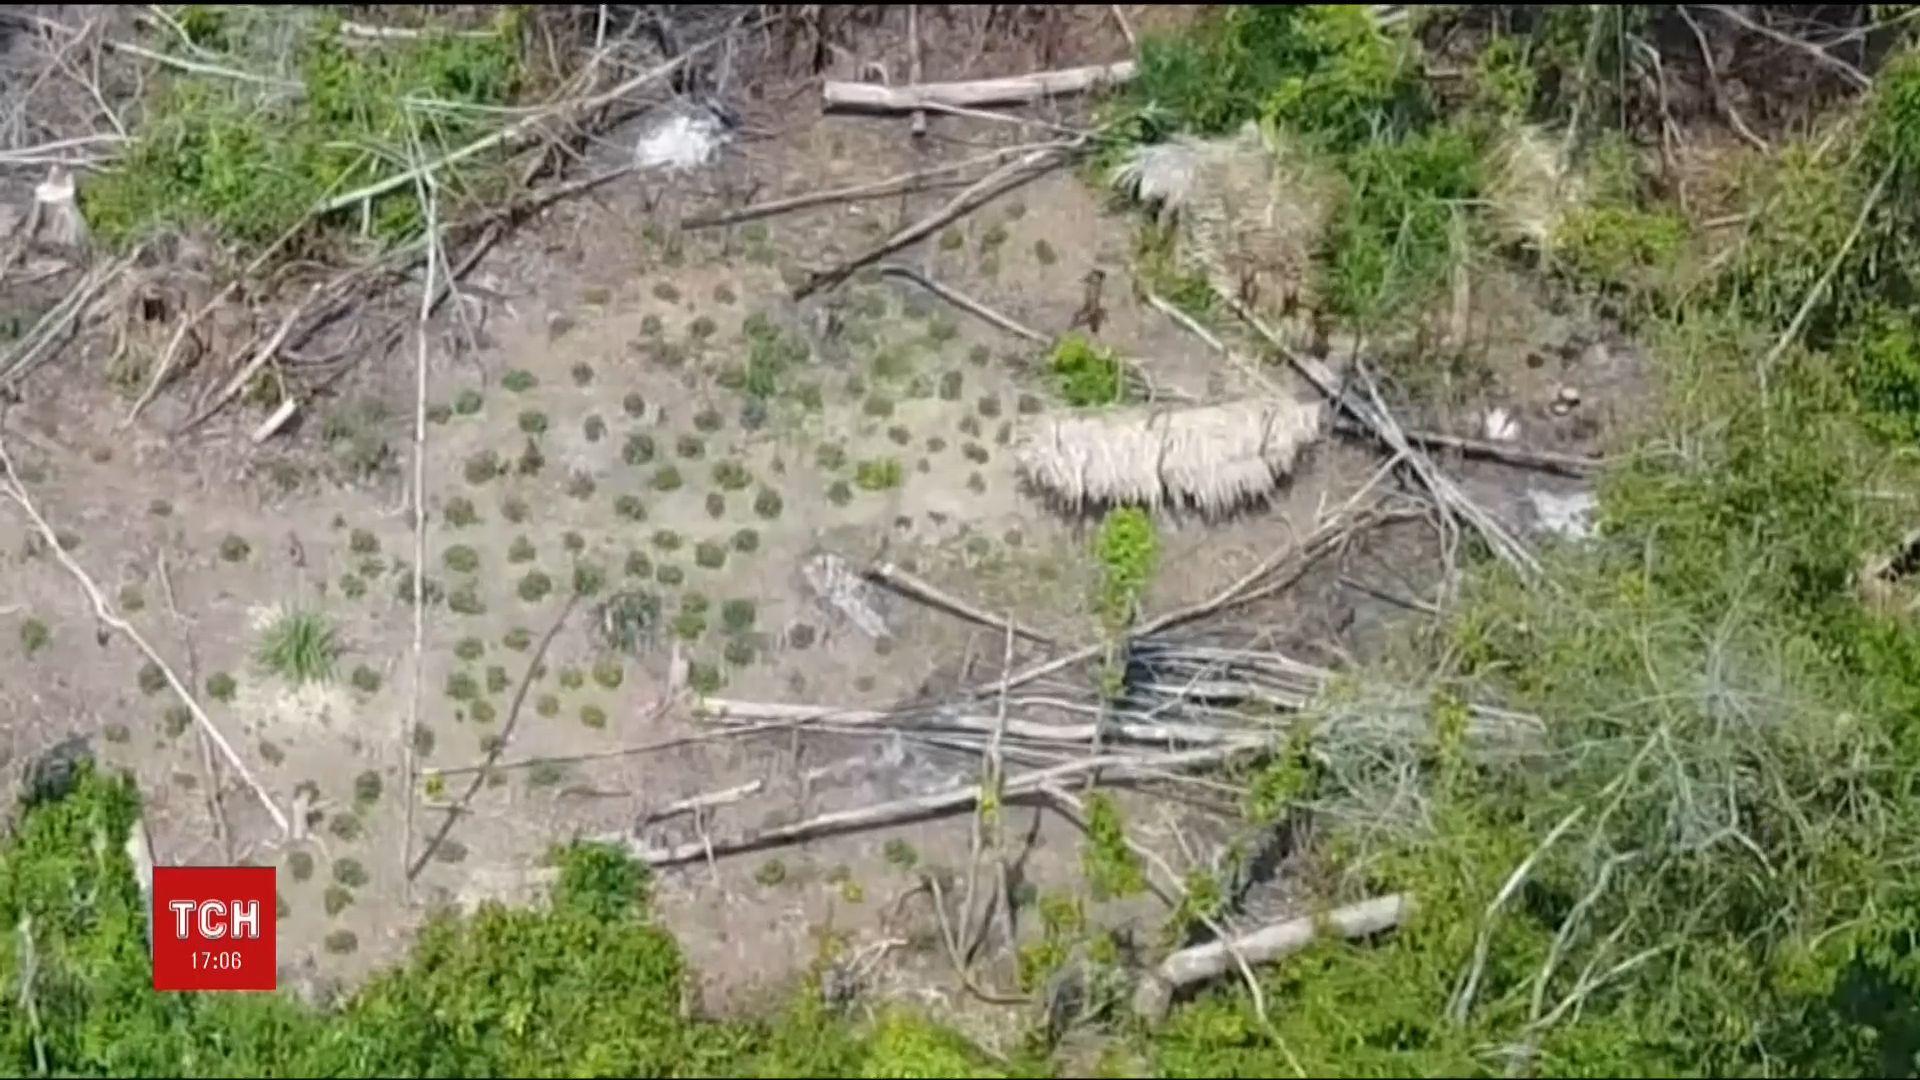 Бразильские аборигены живут в зеленом раю, куда не добрались ни колонизаторы, ни застройщики, ни добытчики ресурсов / Кадр из видео ТСН